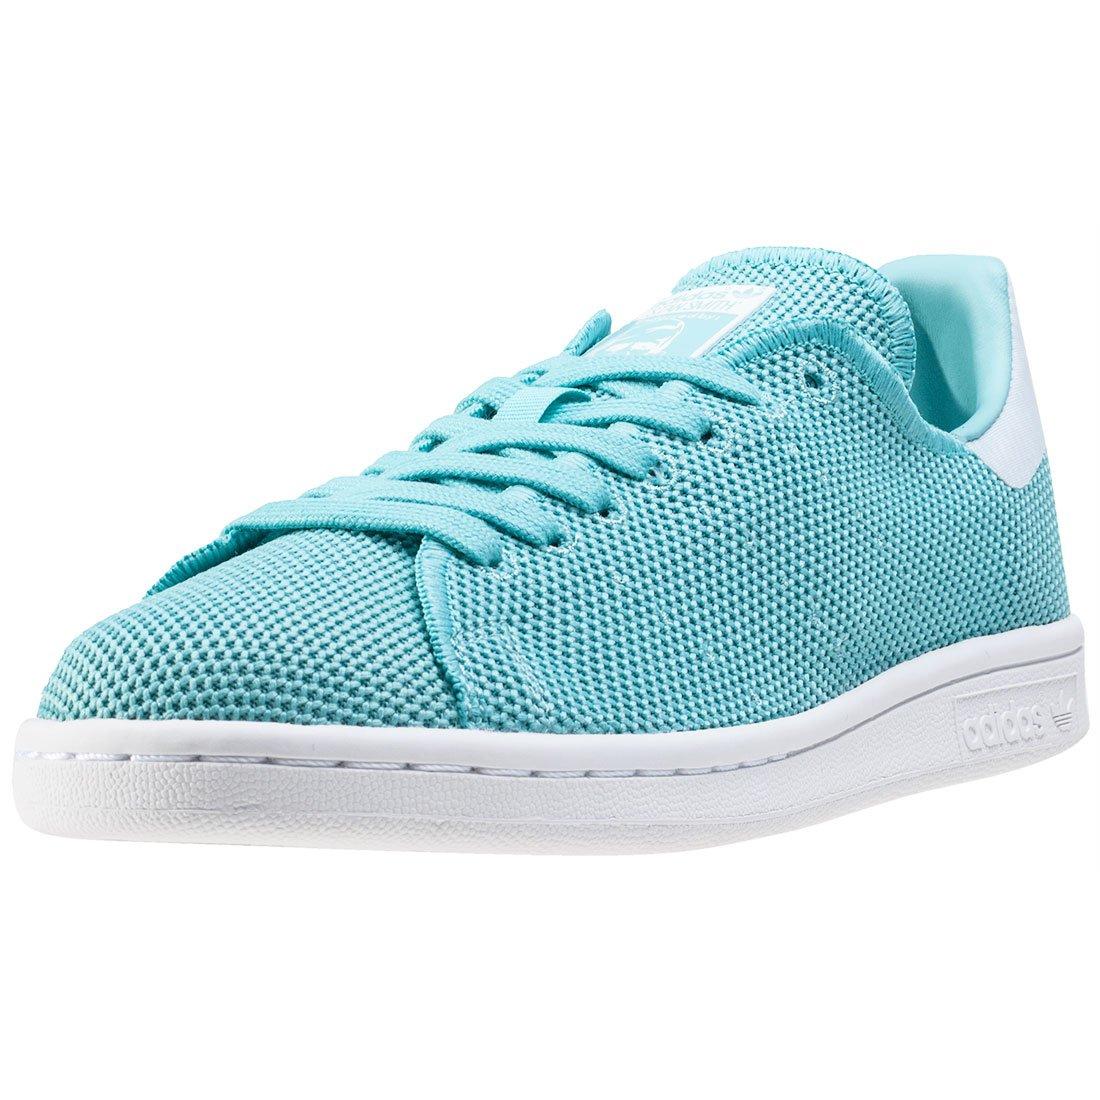 adidas Stan Smith, Chaussures de Tennis Femmes BA7145